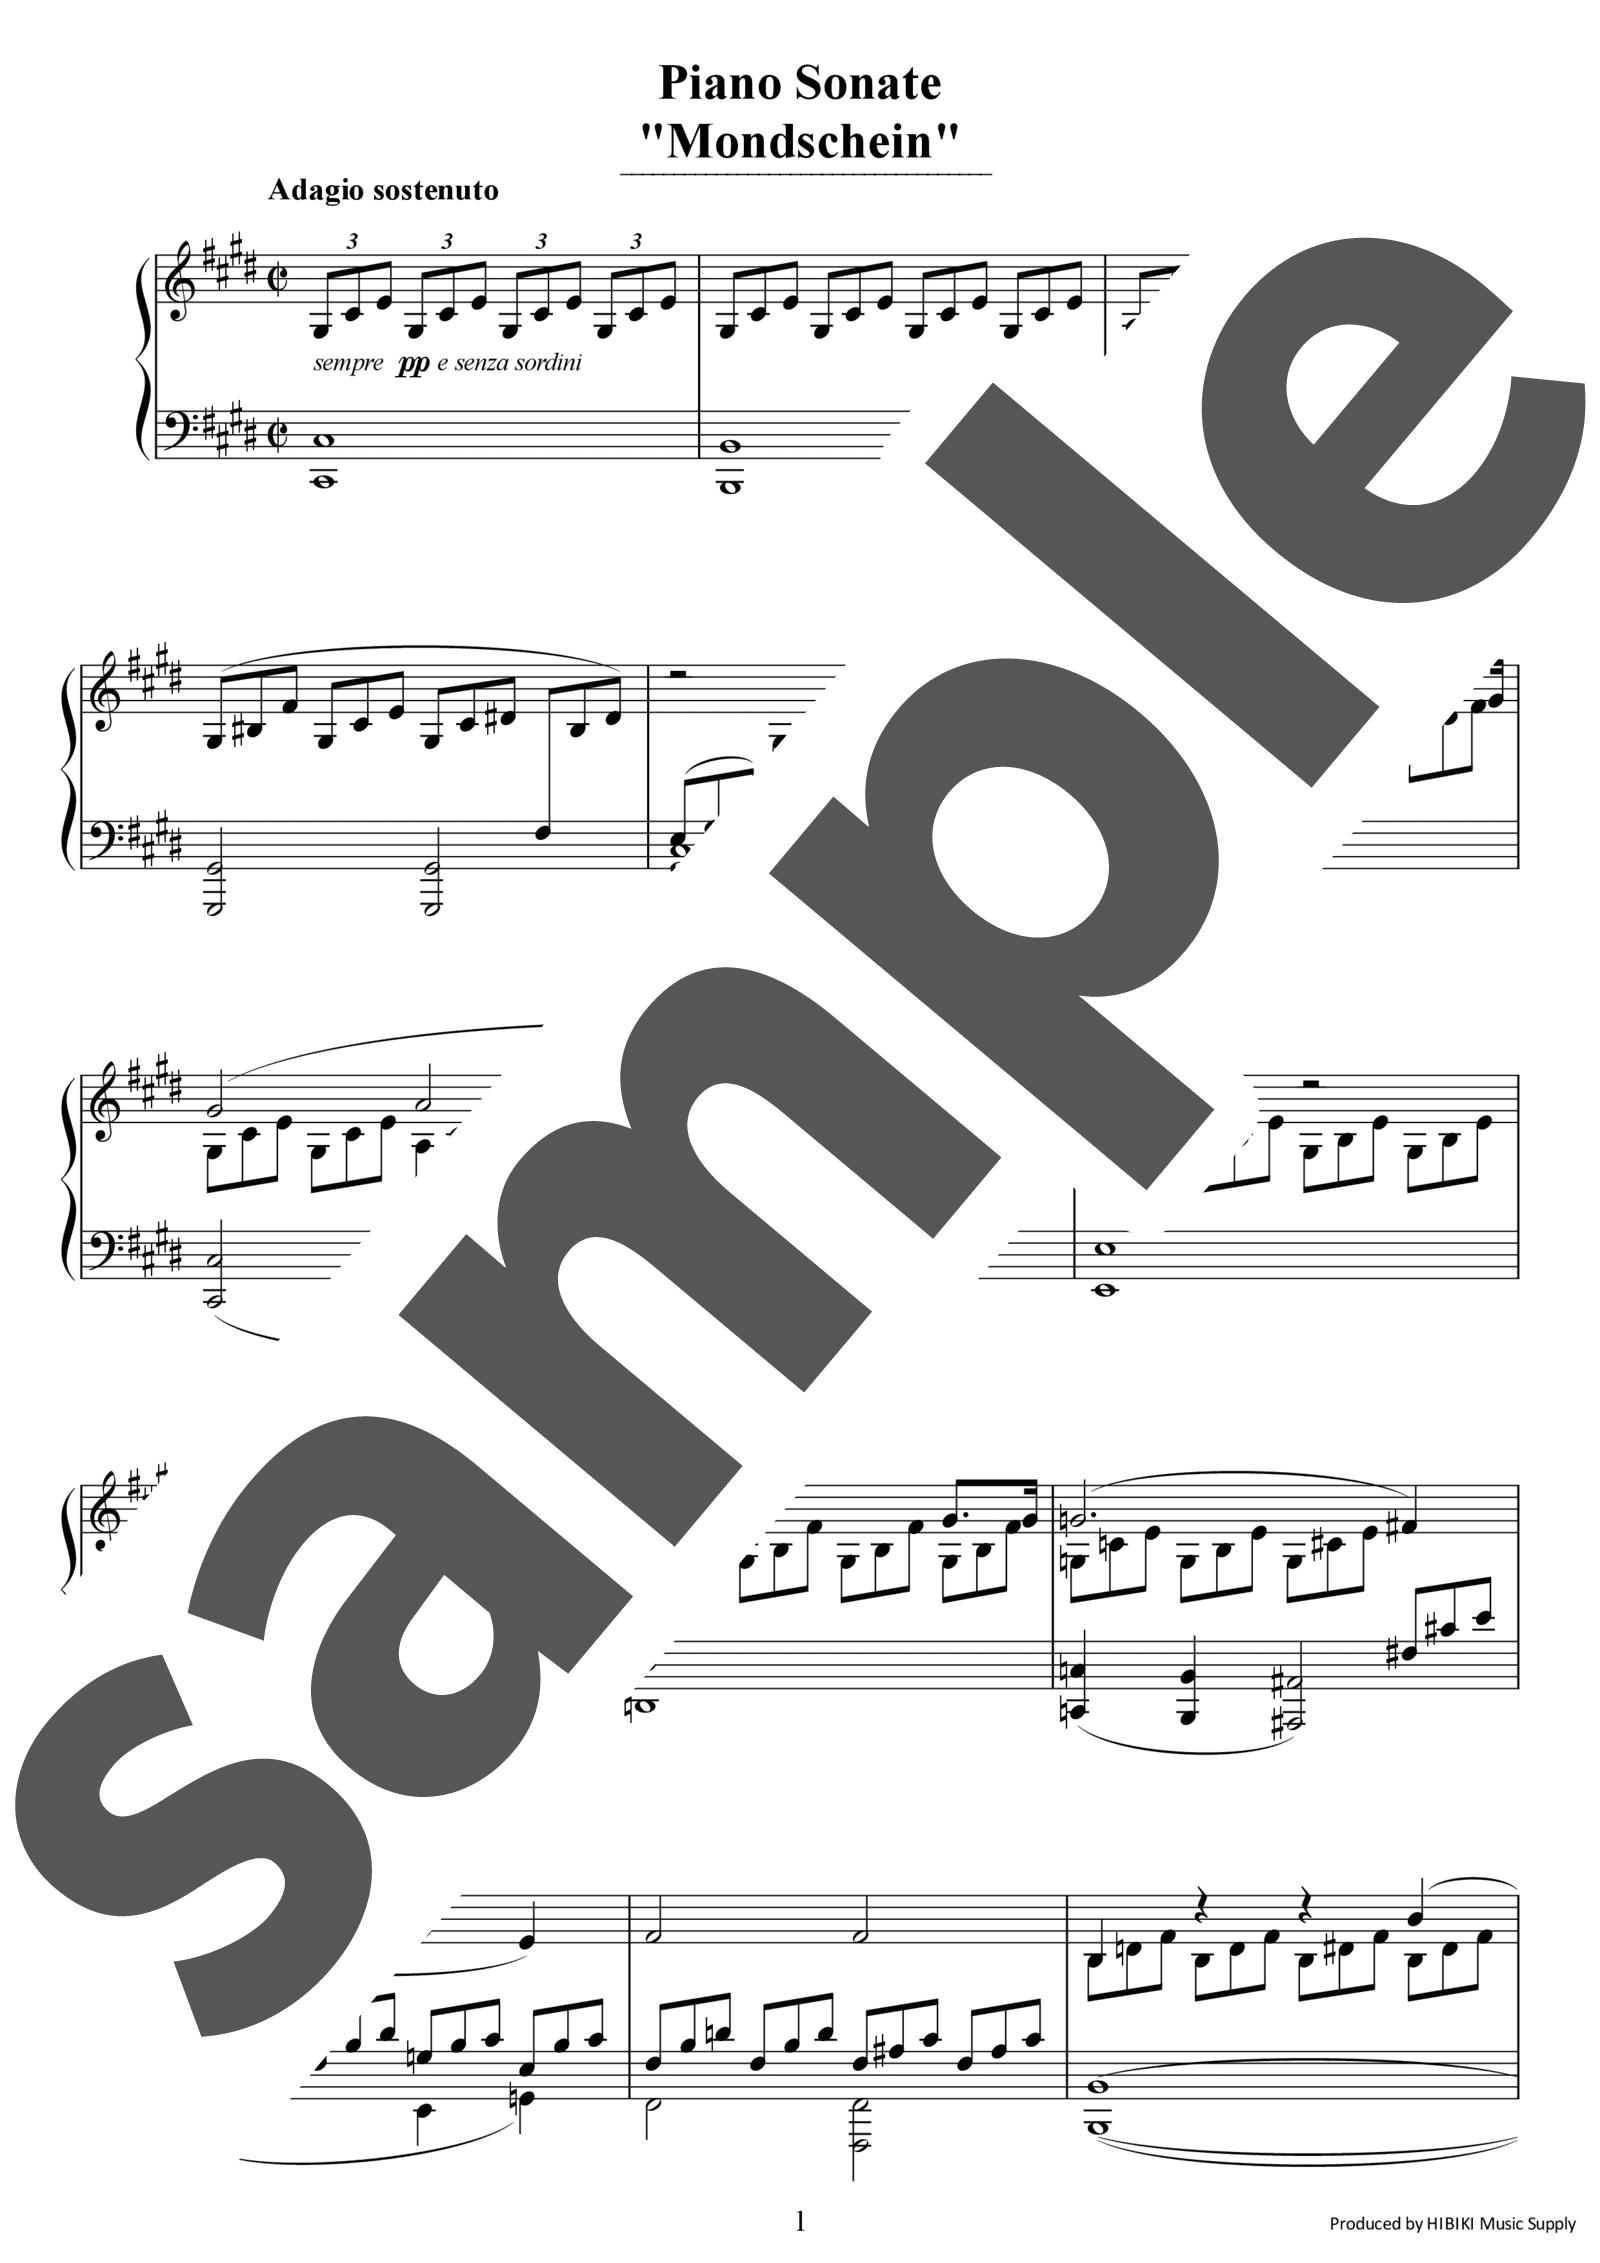 「ピアノソナタ第14番 嬰ハ短調「月光」全楽章」のサンプル楽譜